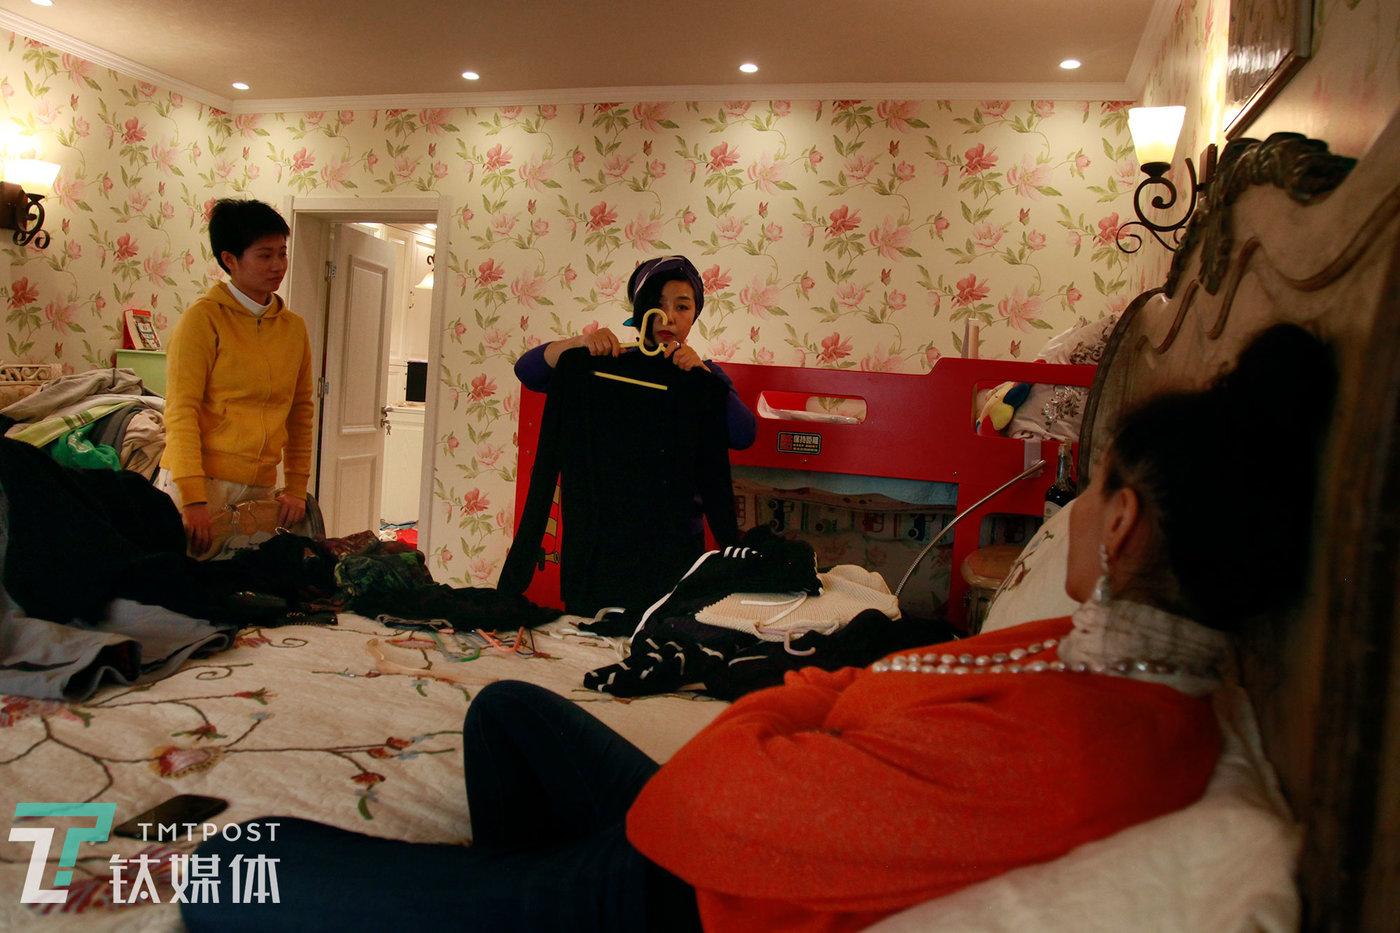 12月5日,衣橱管理师魏小晖(中)和助手在客户家进行衣橱整理。